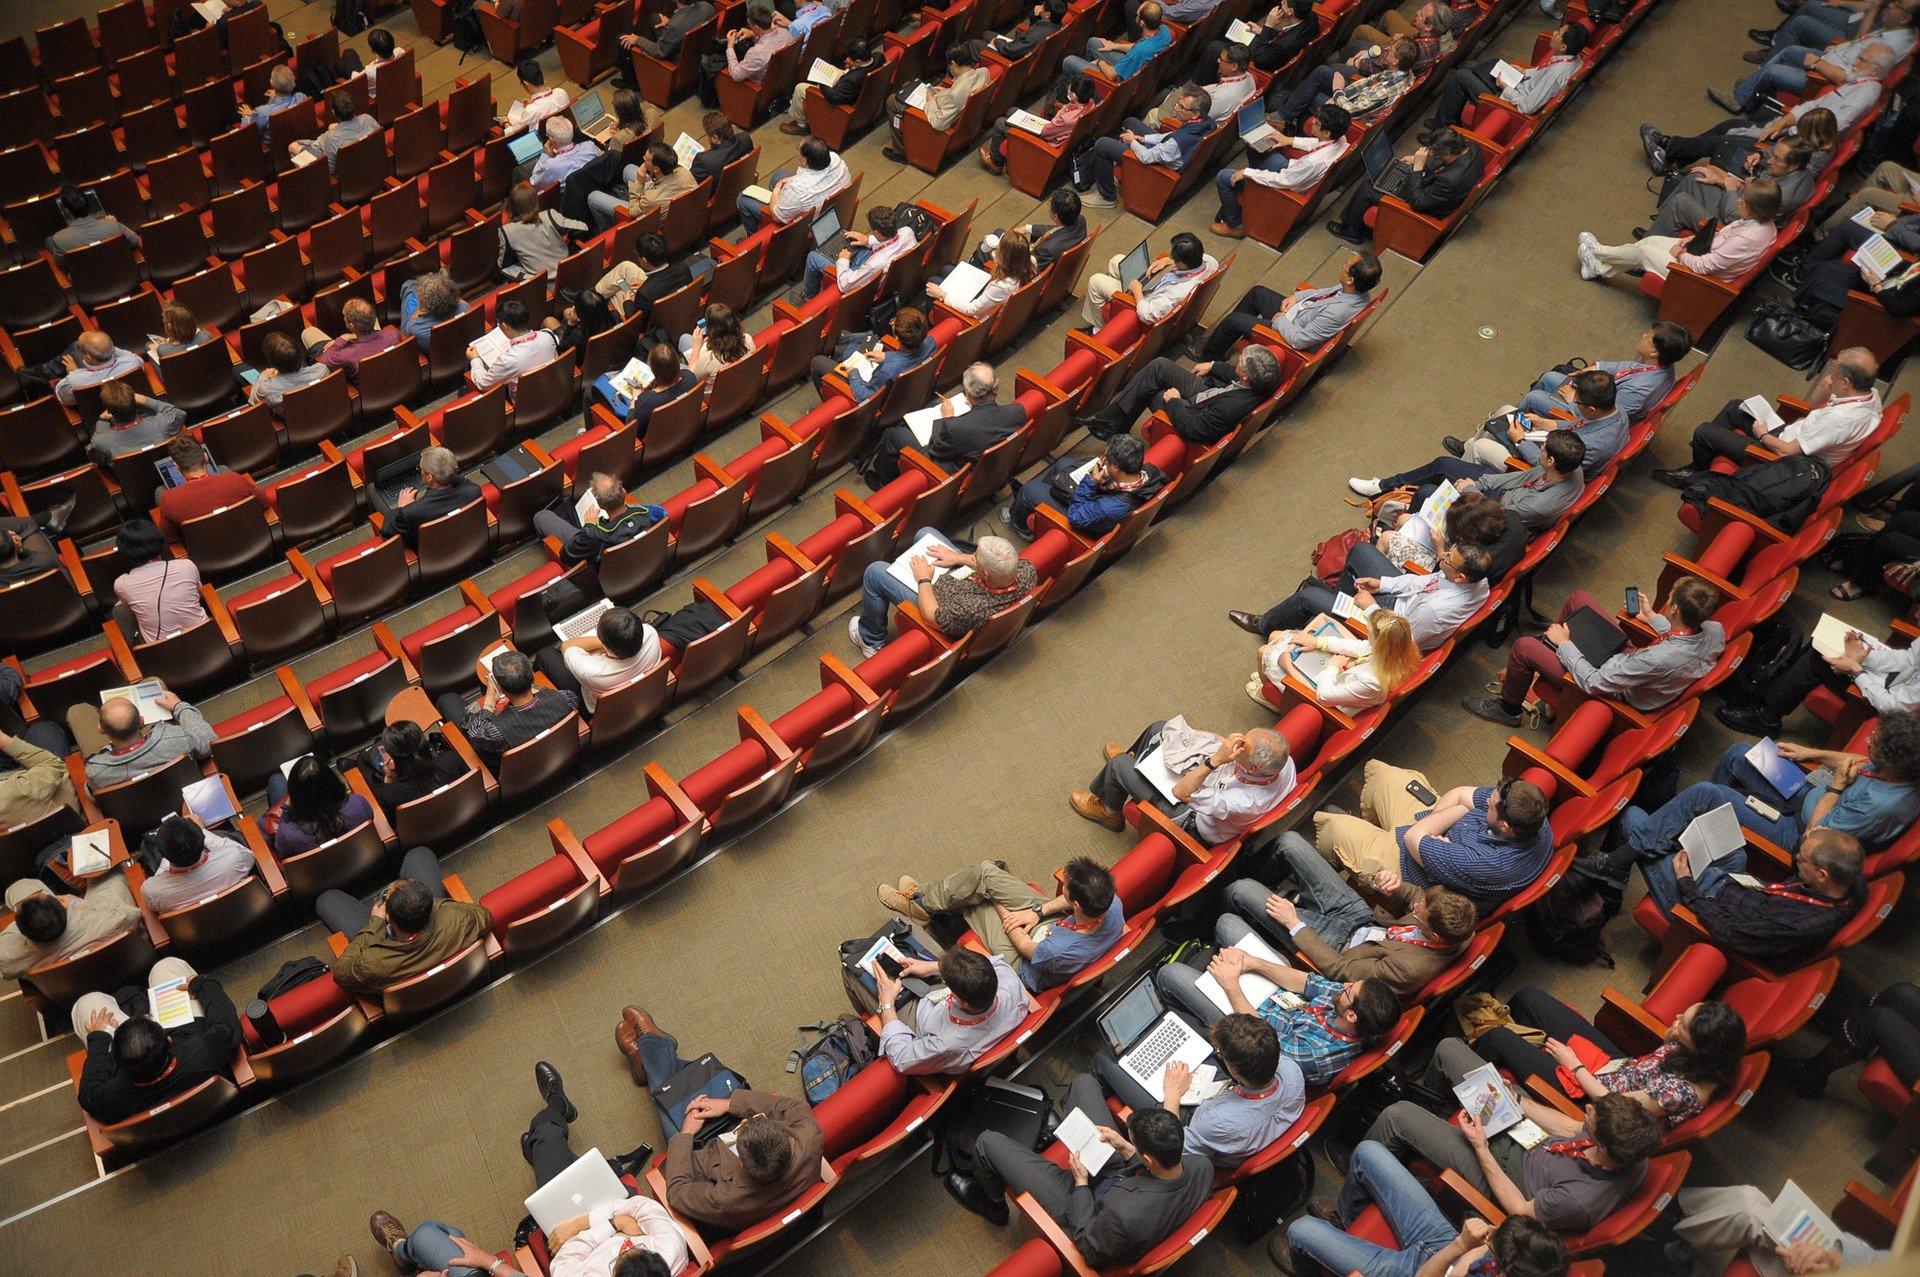 Vista aèria d'una sala de conferències amb assistents a les butaques.